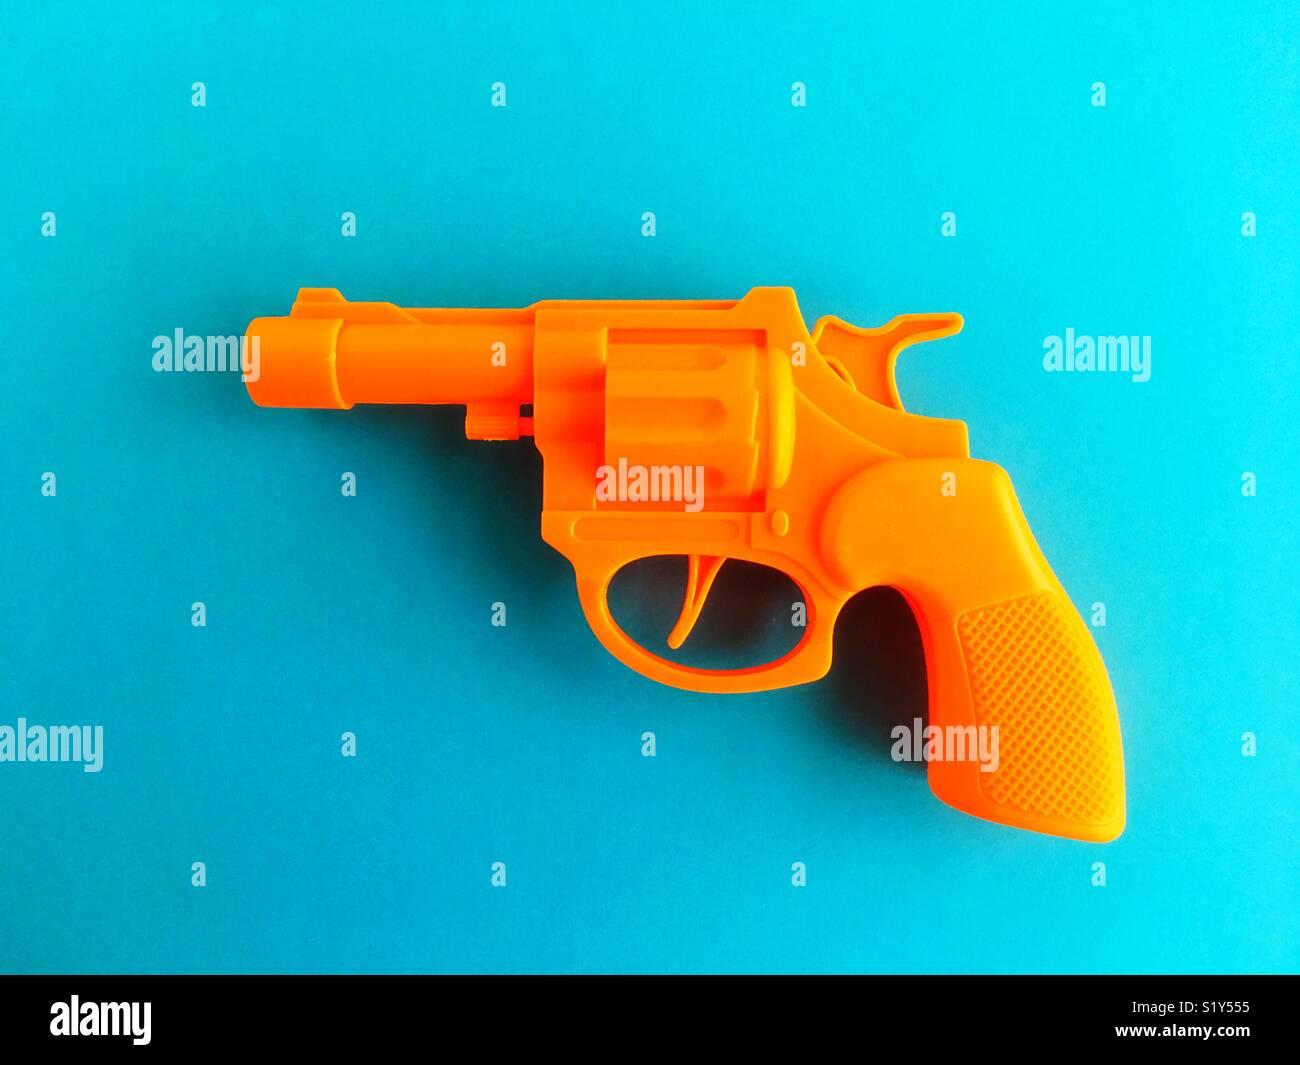 Una pistola de juguete. Imagen De Stock